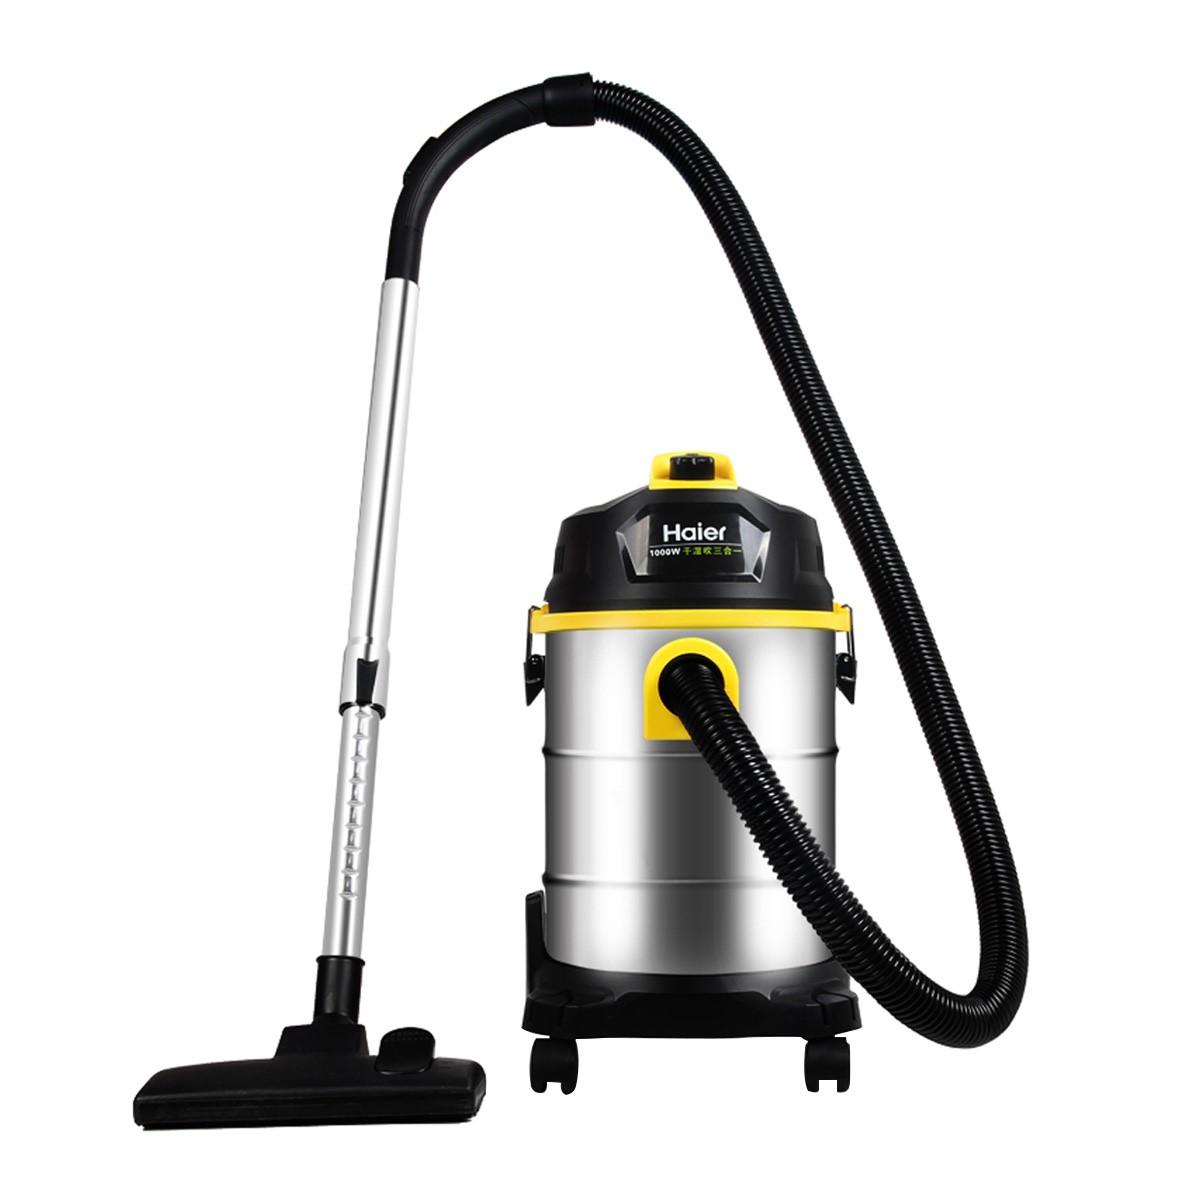 海尔桶式吸尘器HC-T2103Y,干湿吹三用,多场景使用,15L大容量,赠消音器 HC-T2103Y